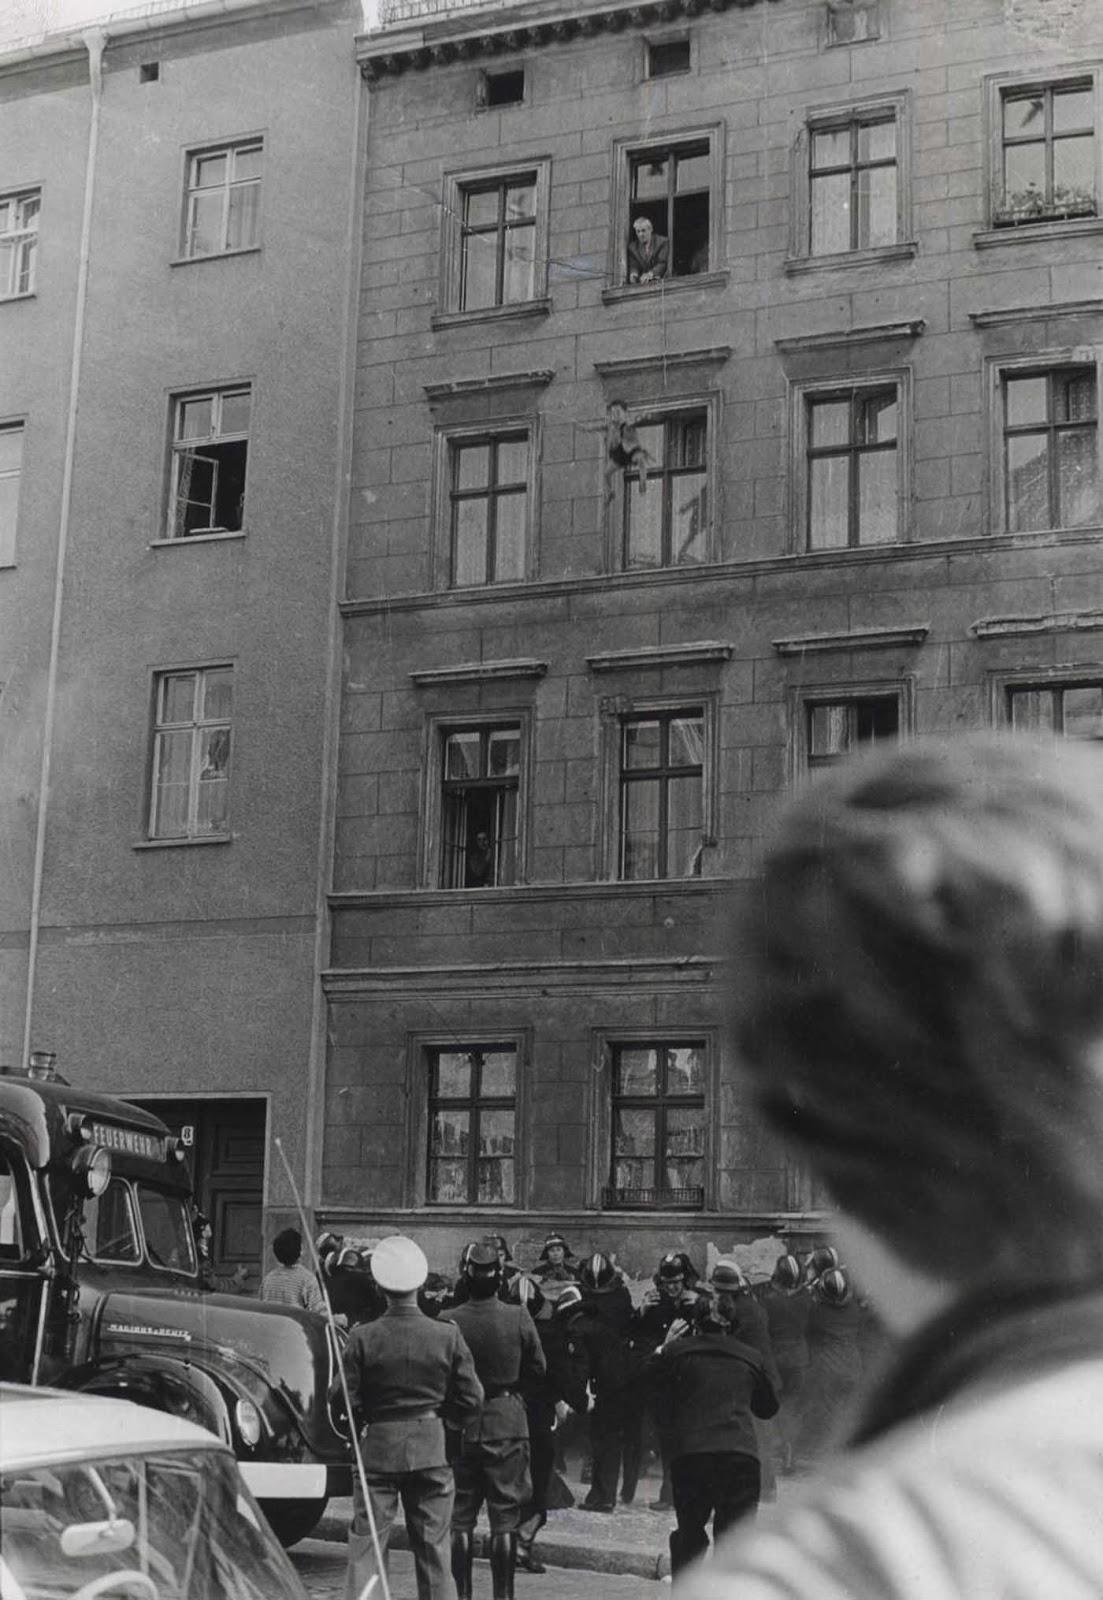 Michael Finder, de cuatro años, se escapa del comunismo por una ventana. 7 de octubre de 1961.